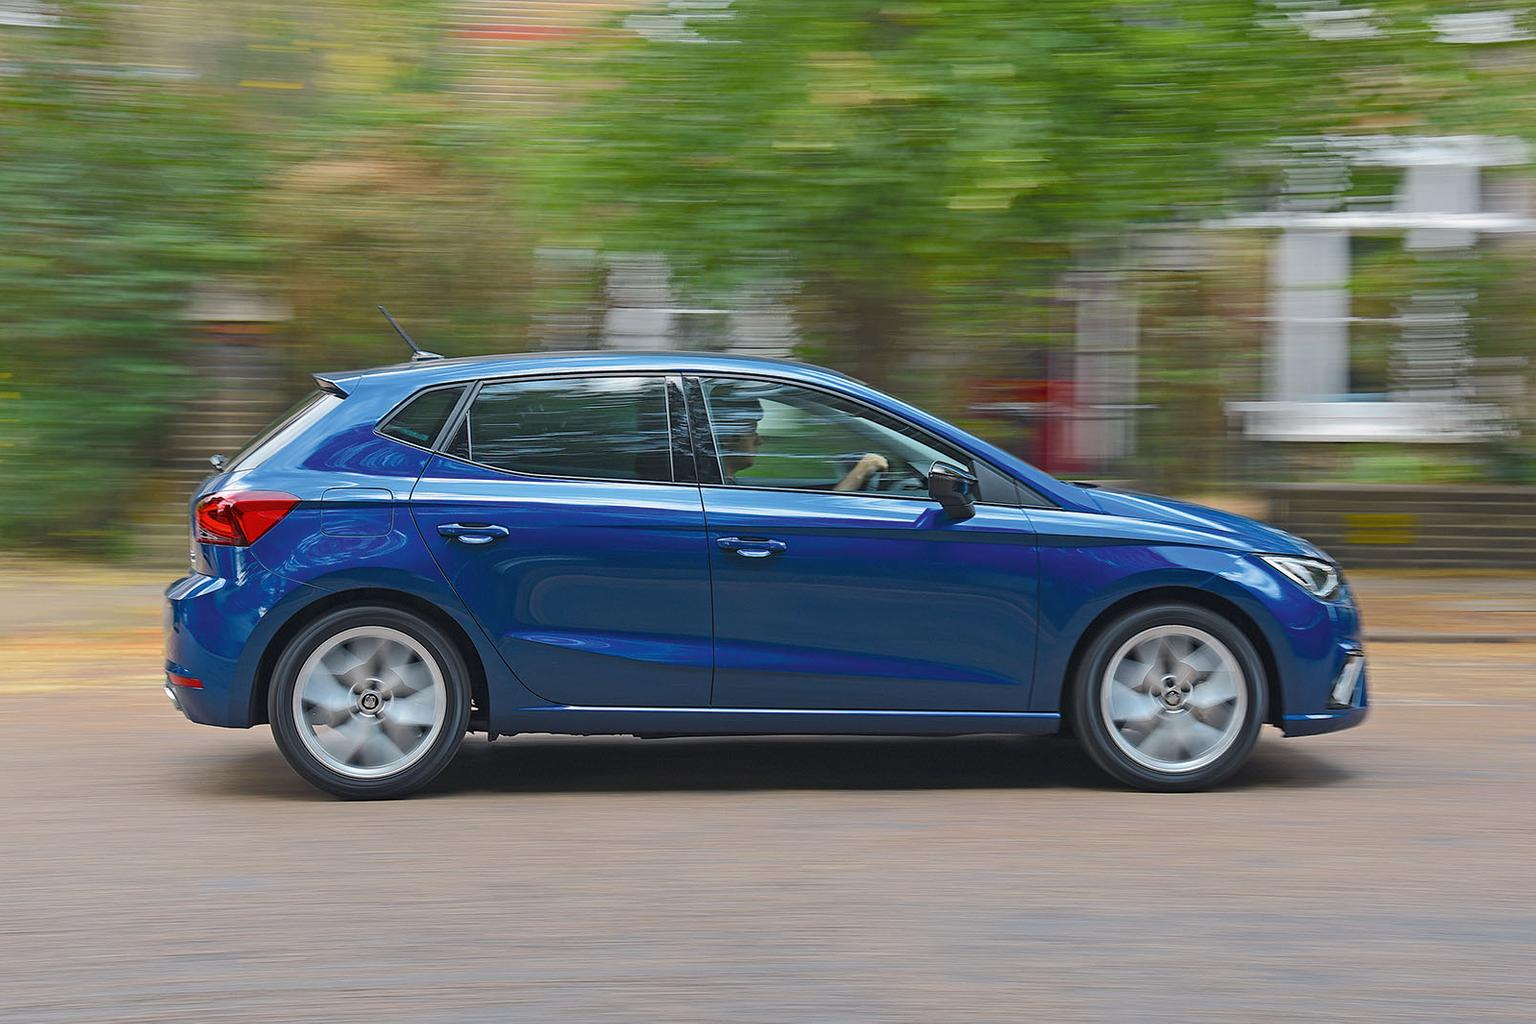 New Hyundai i20 vs Seat Ibiza